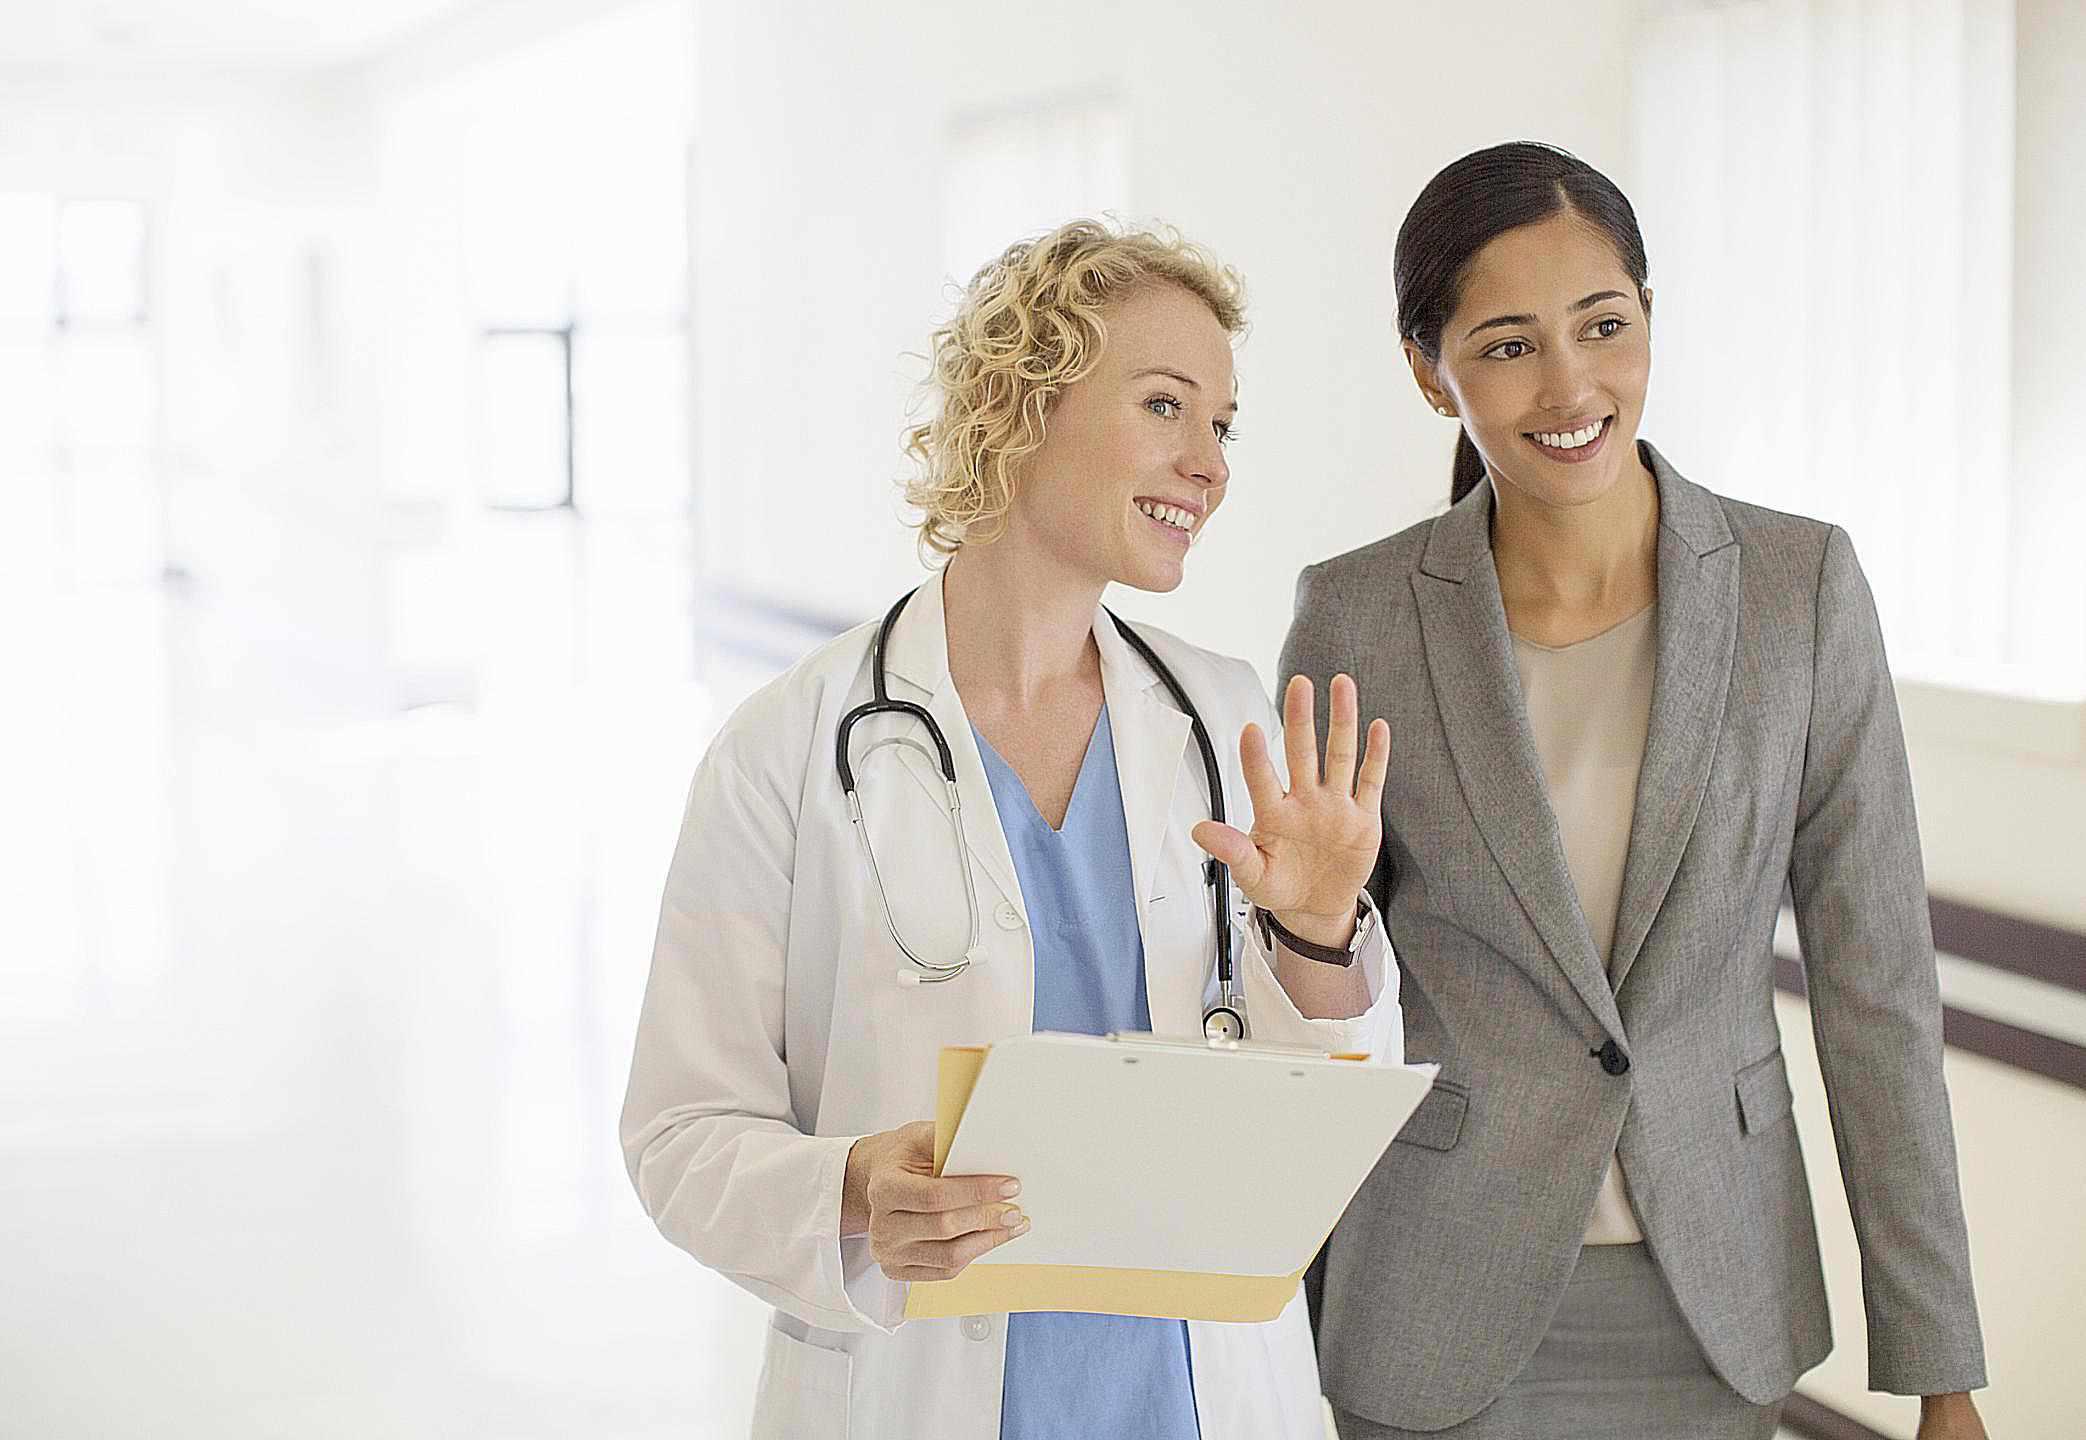 Conversation with Nurse - Paul Bradbury - Caiaimage - GettyImages-184312672